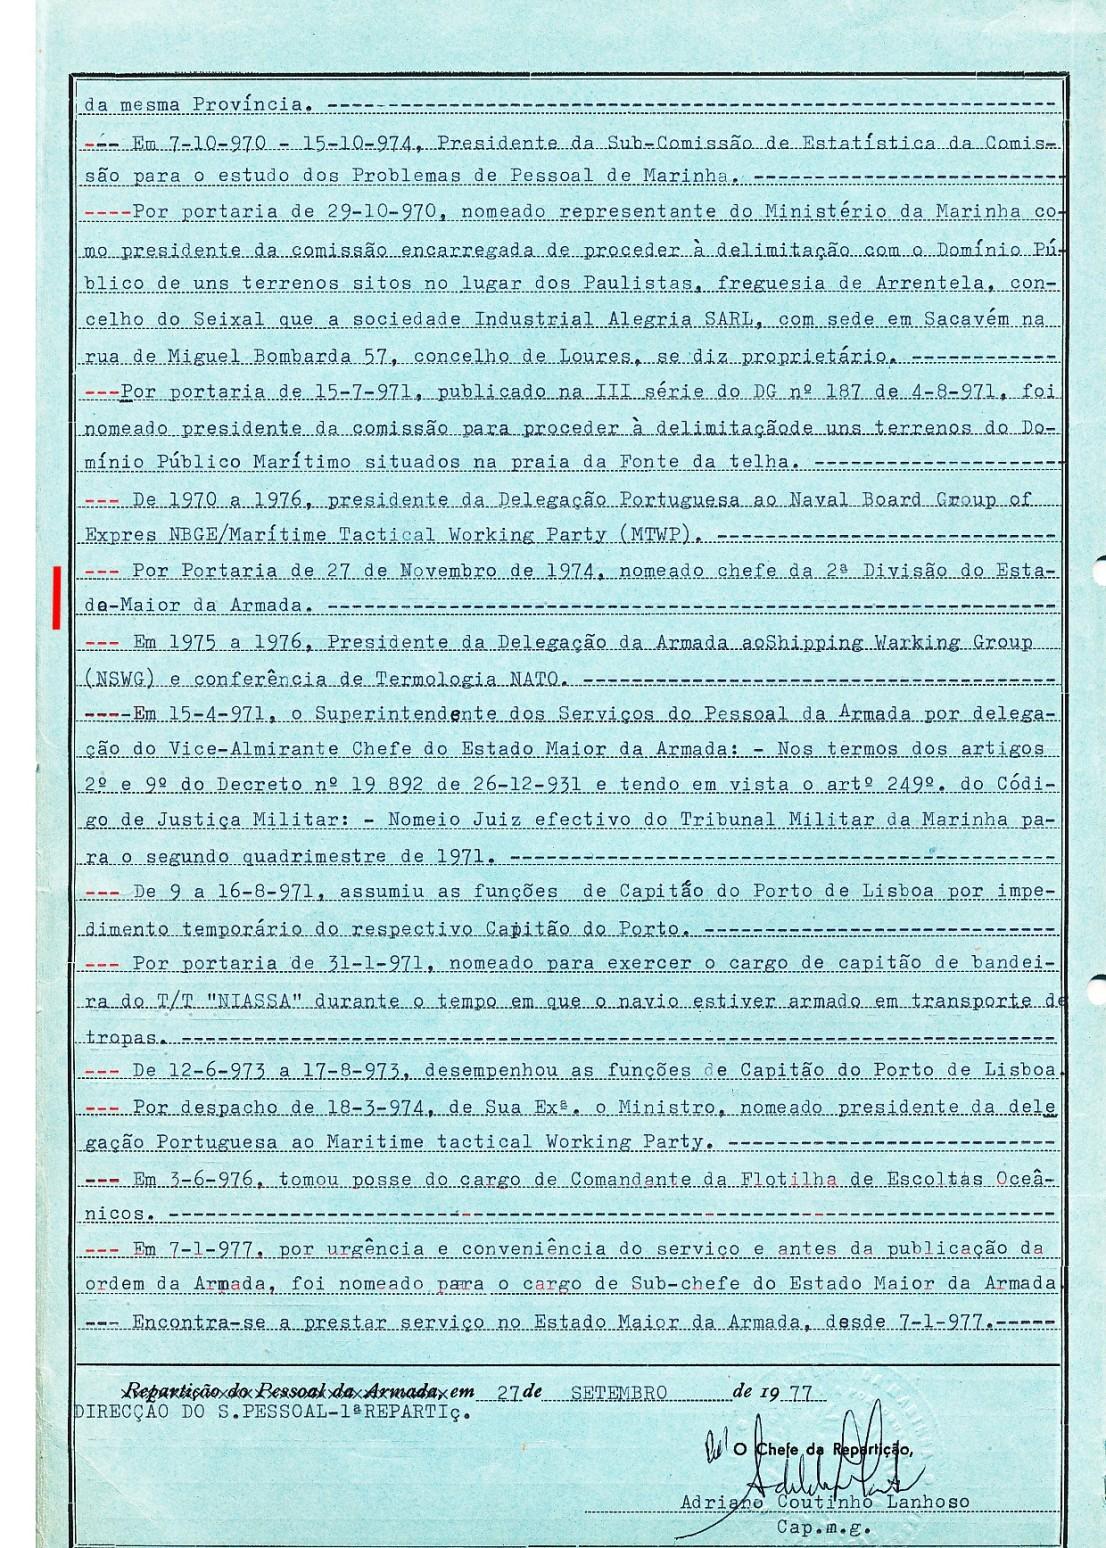 00666  nomeado para cargo de Chefe da II Divisão do EMA -Portaria de 27-11-1974 -Nota de Assentamentos